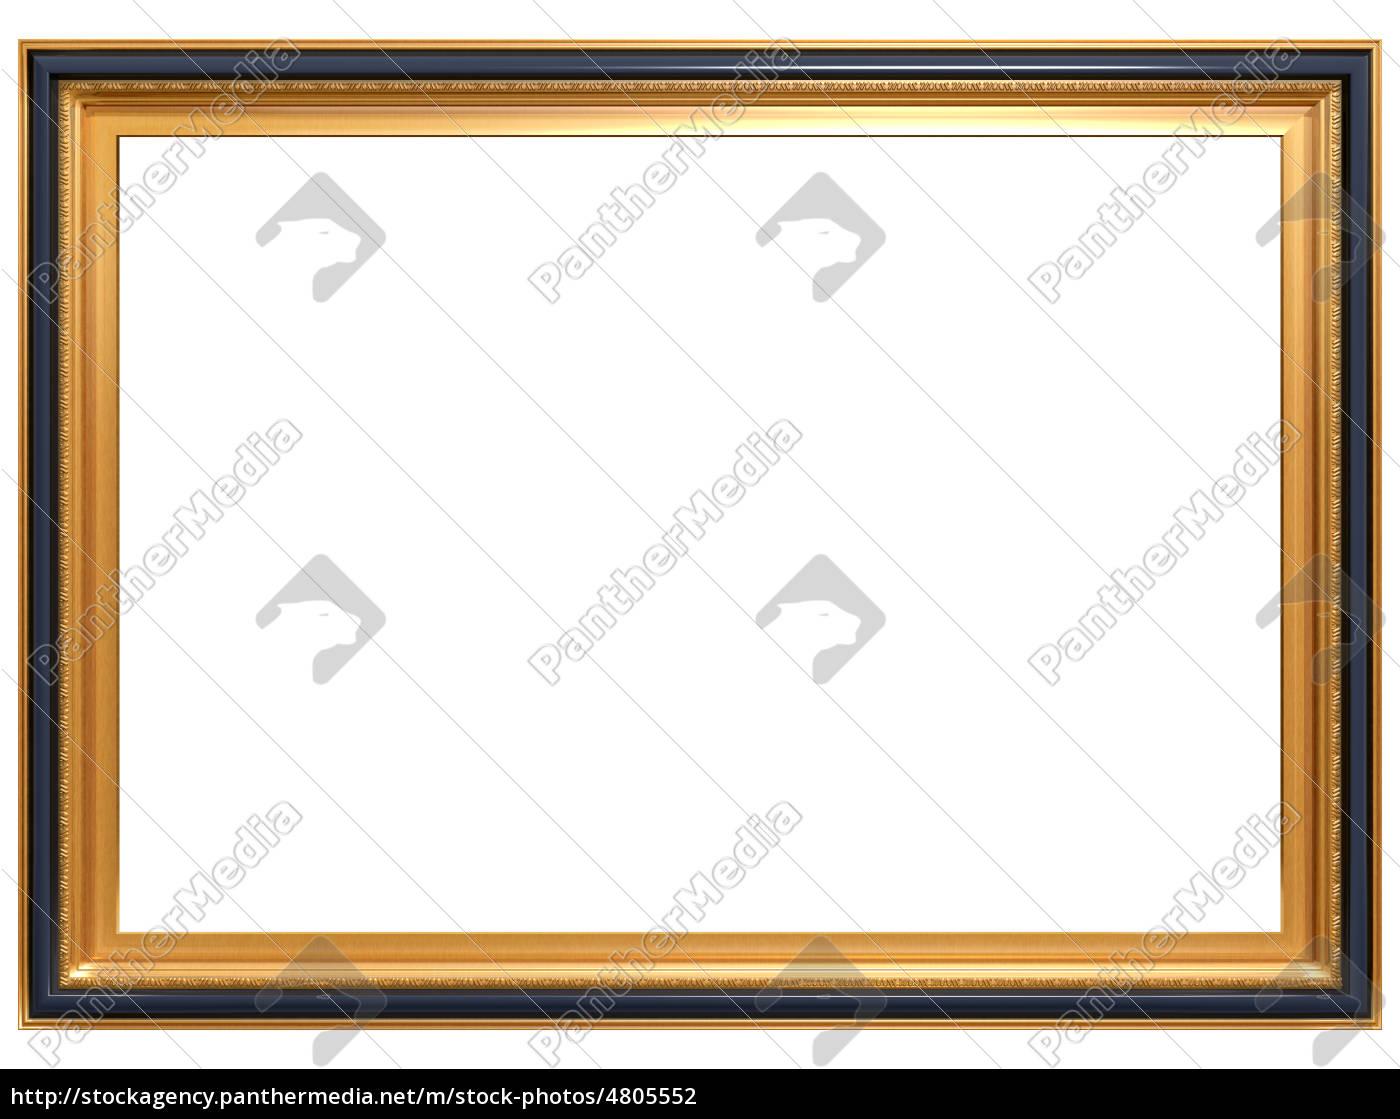 rechteckiger antiker bilderrahmen - Lizenzfreies Foto - #4805552 ...